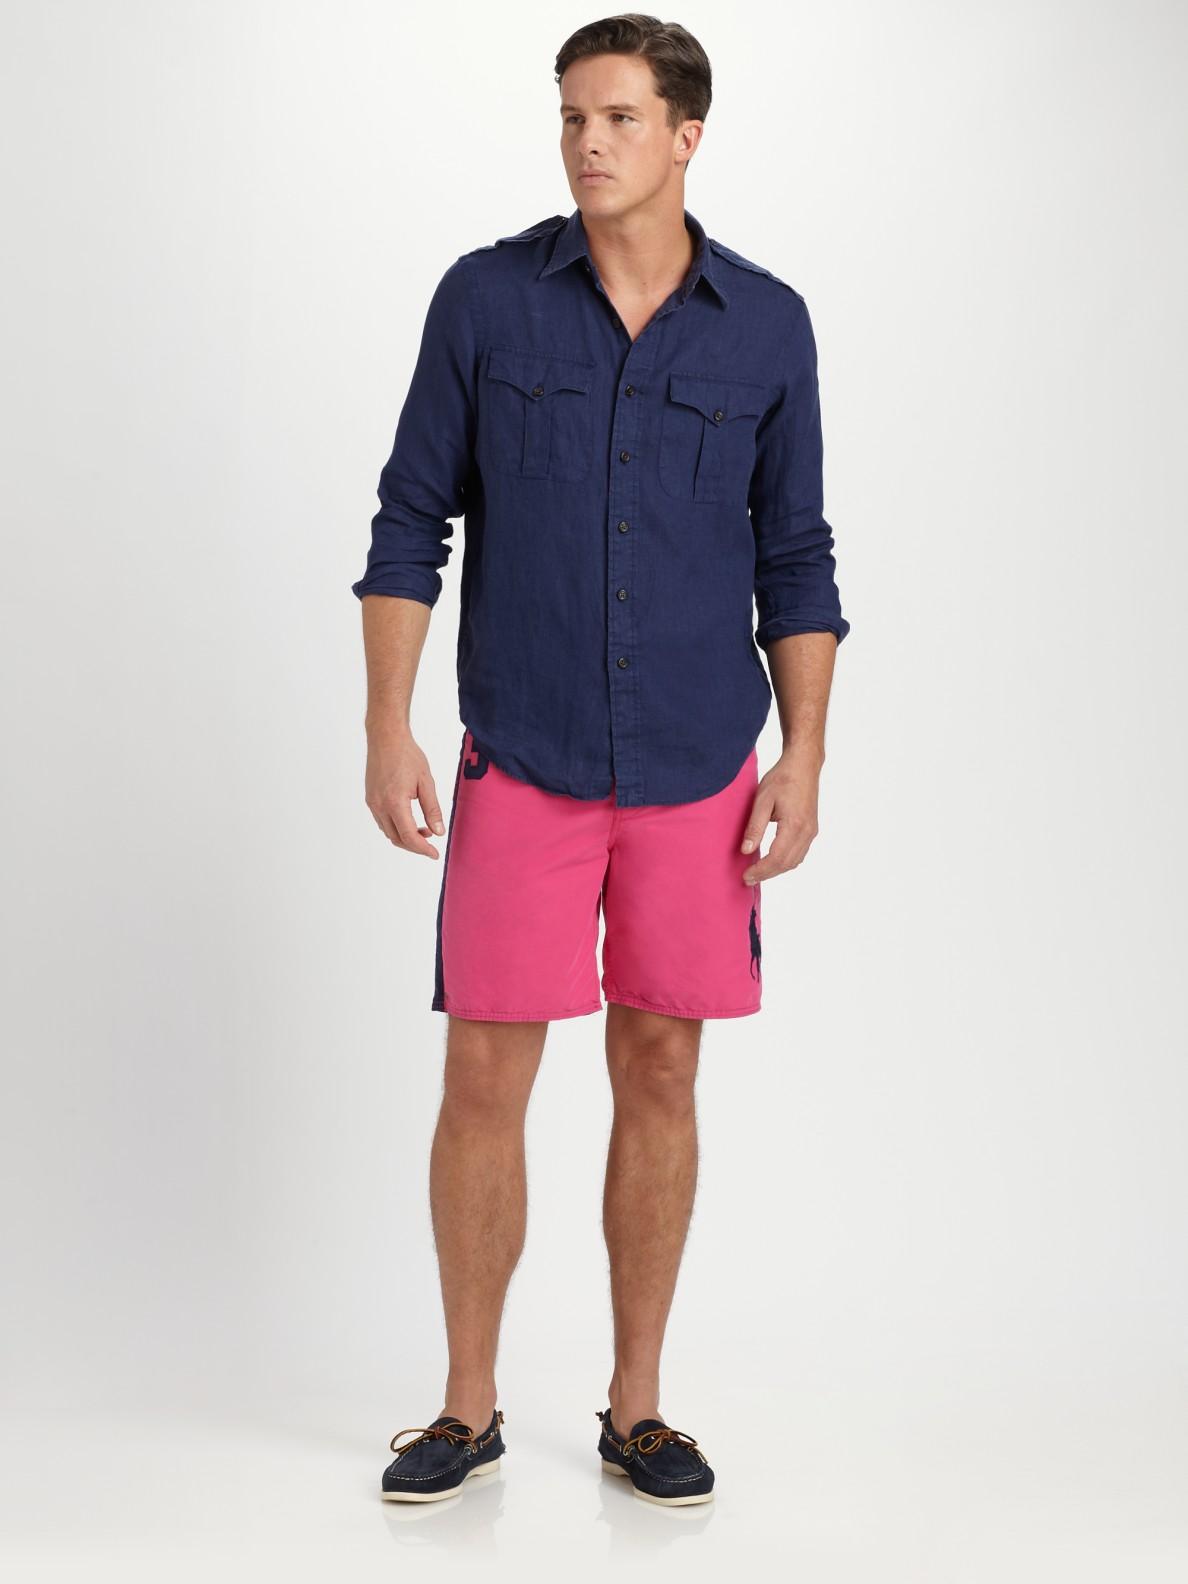 59e7fc7bd2e4 ... ireland lyst polo ralph lauren linen military shirt in blue for men  5ab2d a2222